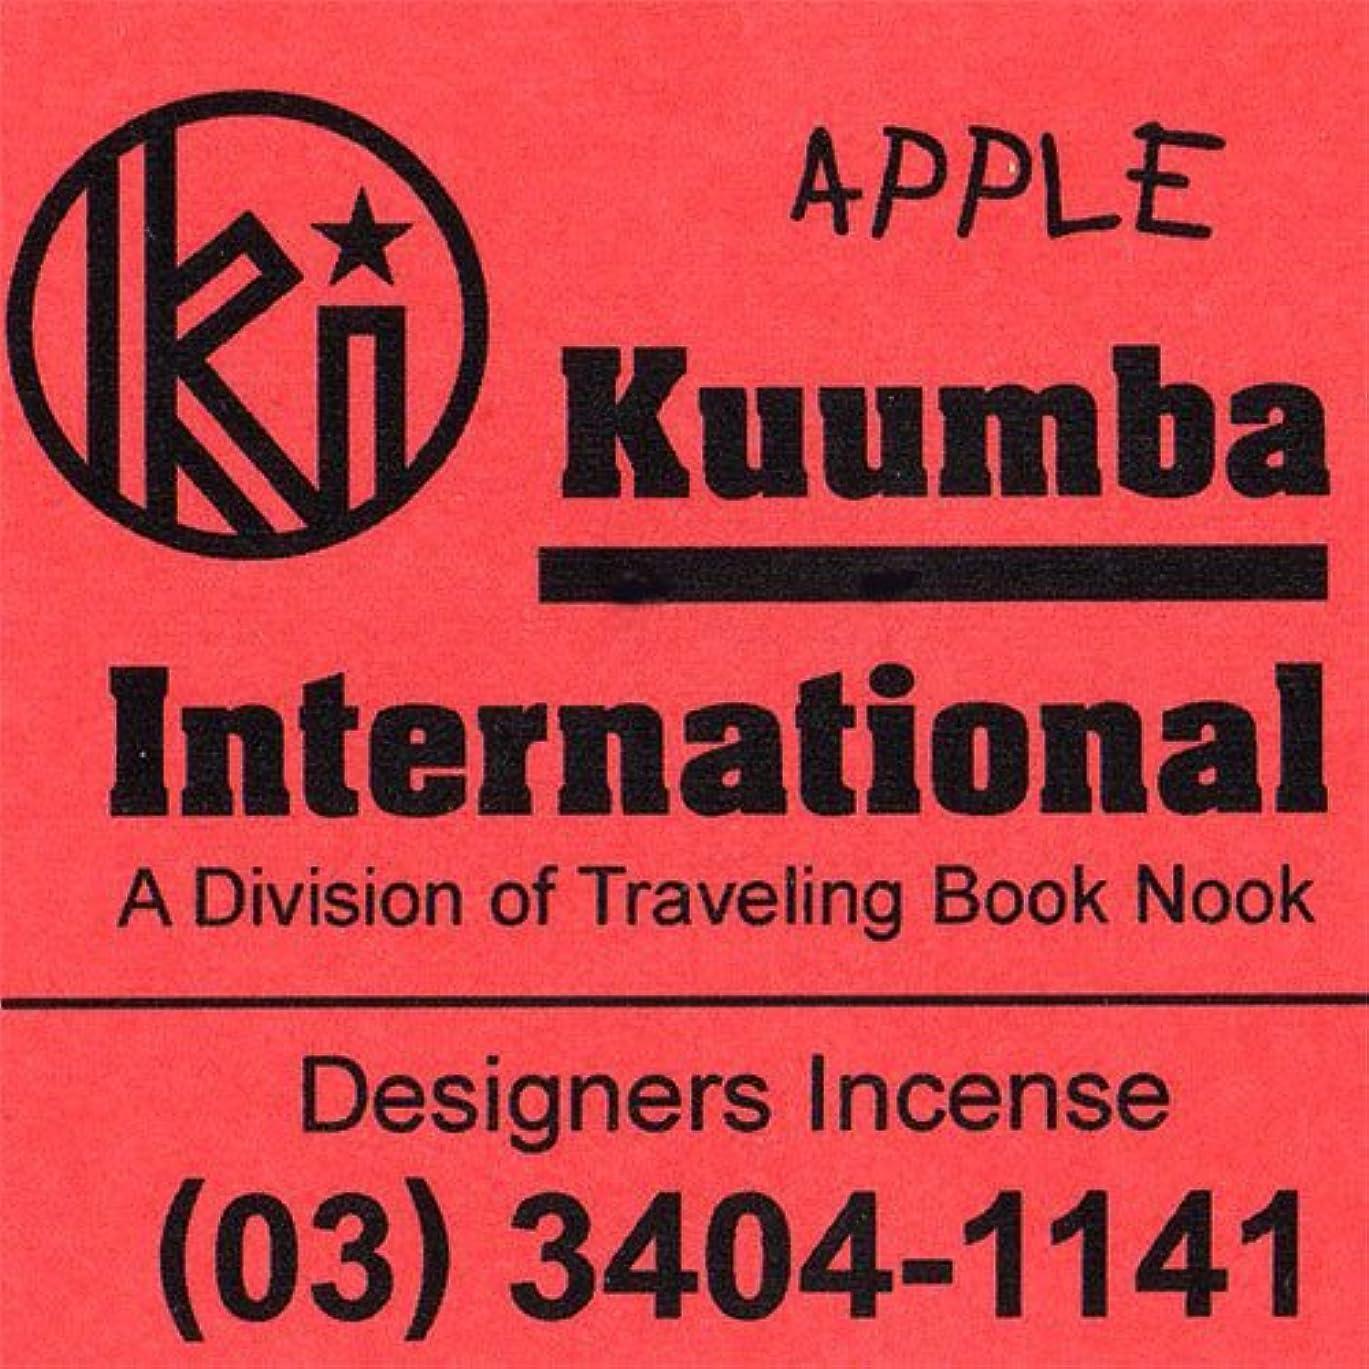 ファンクラシカル食用KUUMBA / クンバ『incense』(APPLE) (Regular size)